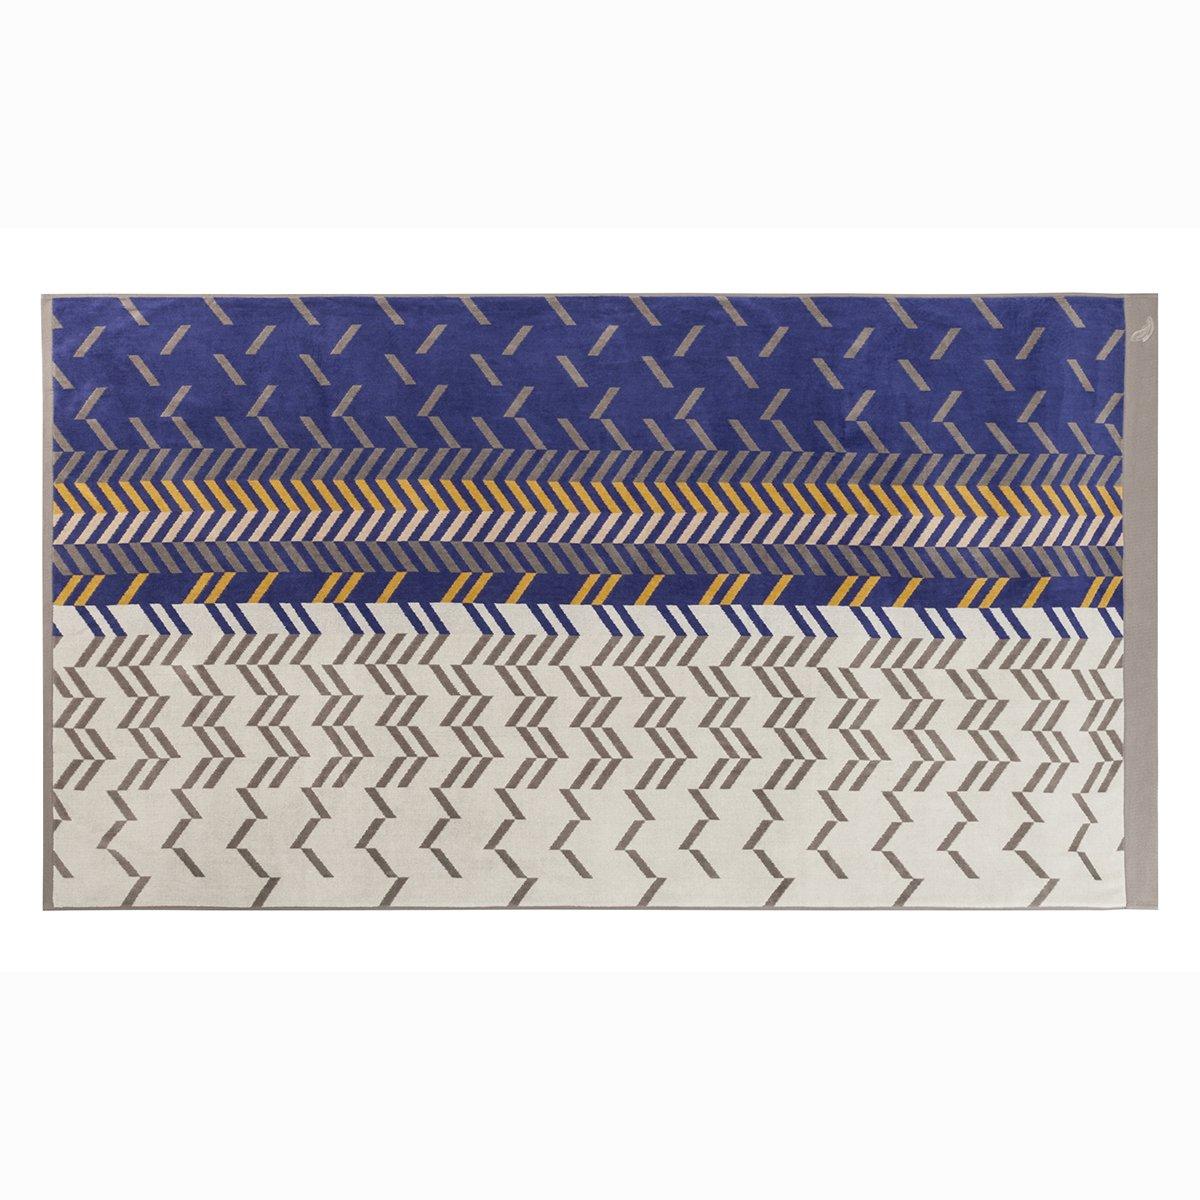 Drap de plage coton 100x180 cm bleu foncé rayé